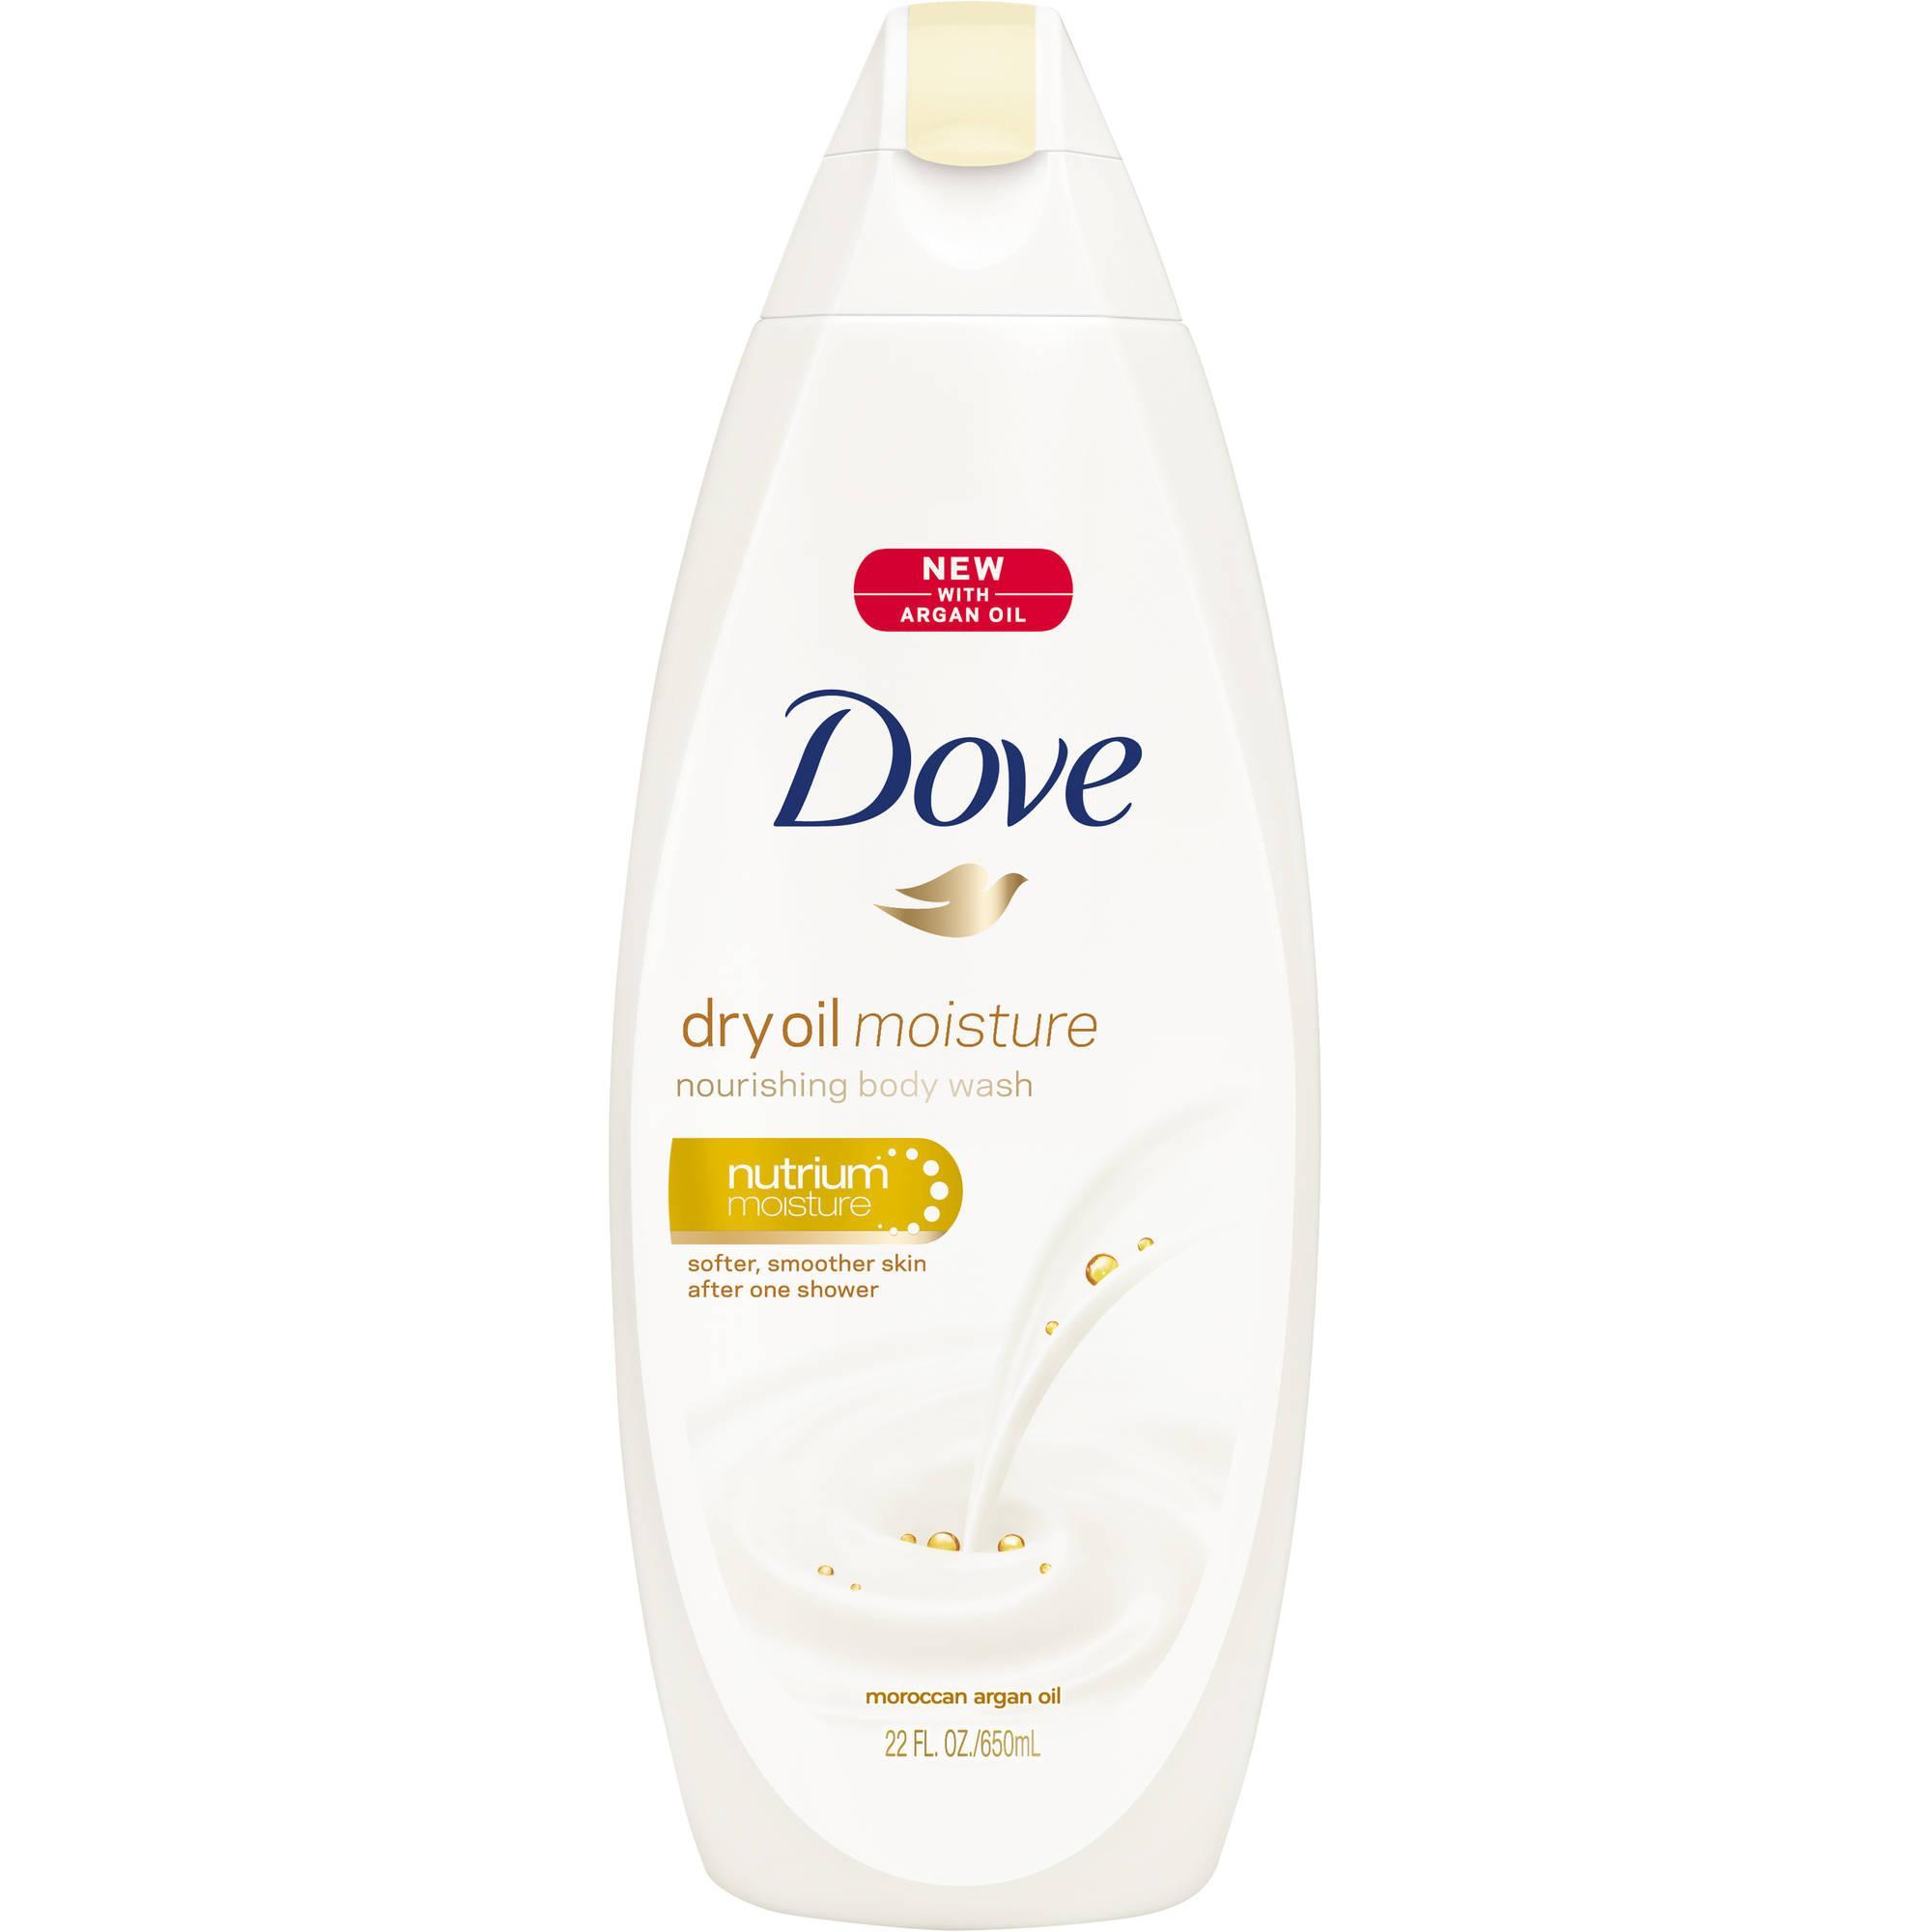 Dove Dry Oil Body Wash, $4.99.